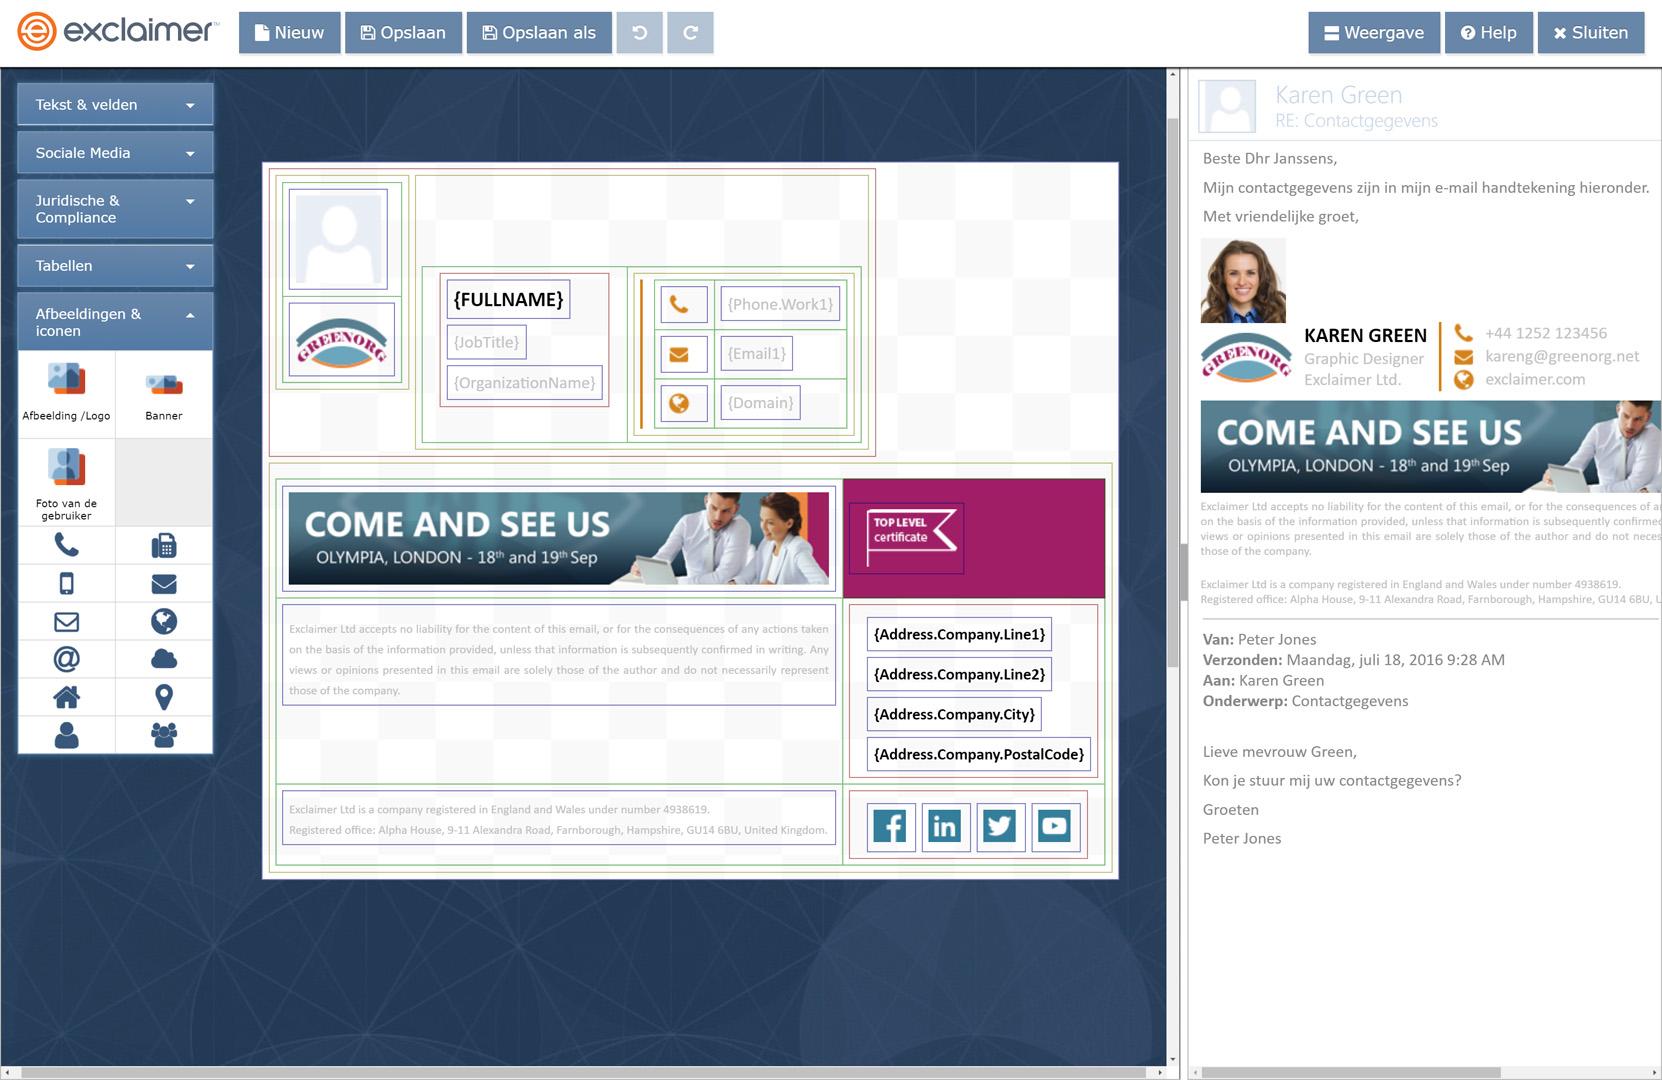 Haal meer uit uw e-mailhandtekeningen voor G Suite met dynamische elementen zoals reclamebanners, koppelingen naar sociale media en prijslogo's.